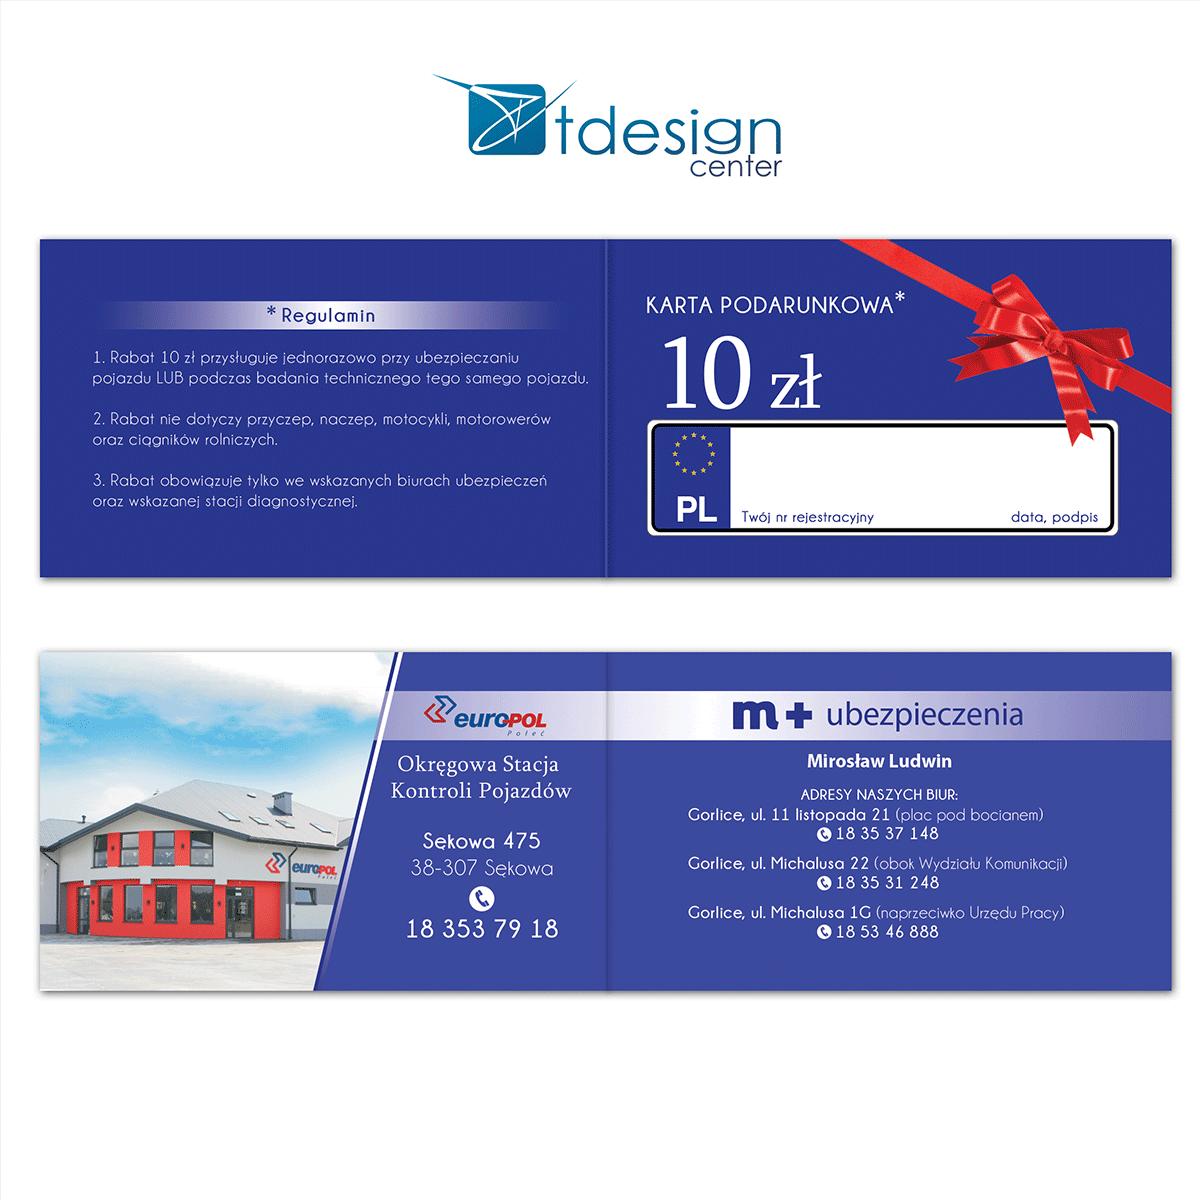 Wizytówka składana - projekt + druk dla firu ubezpieczeniowej M+